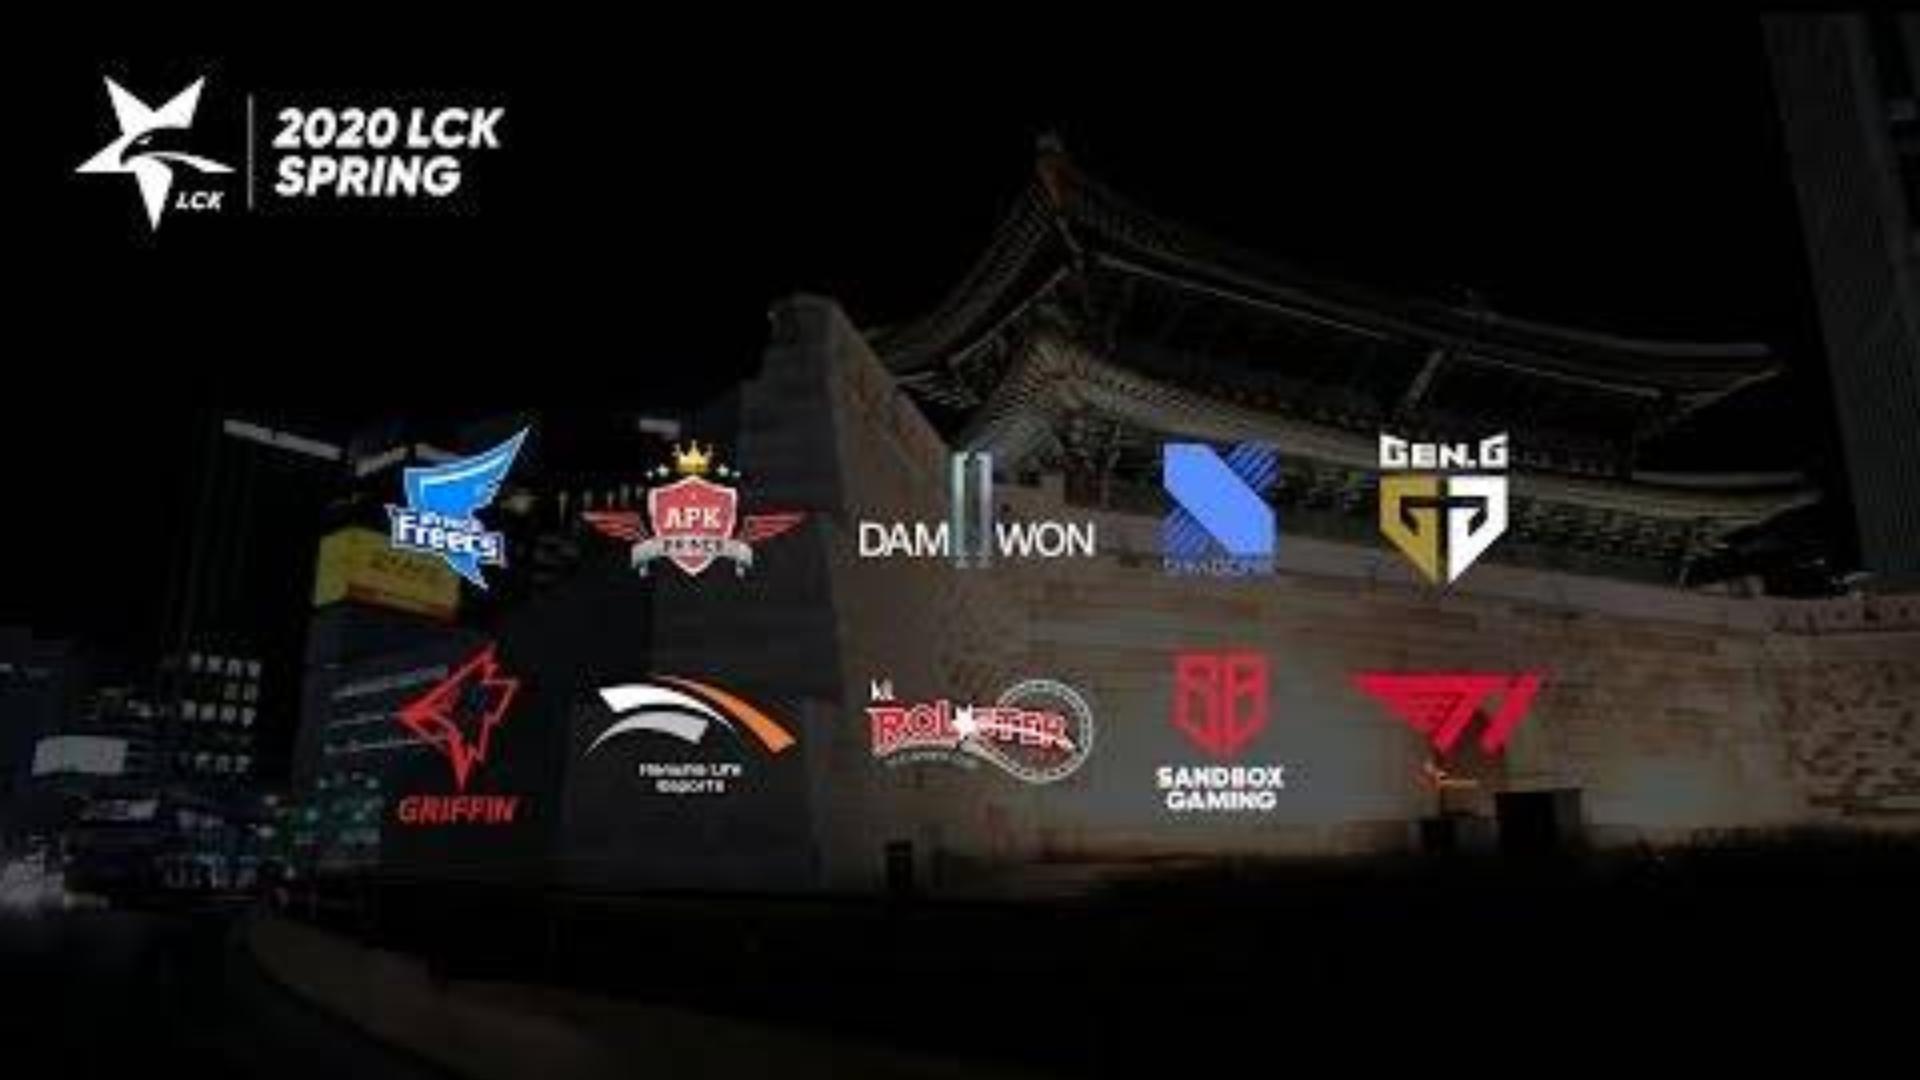 快速看完2020 LCK 春季赛W1D1